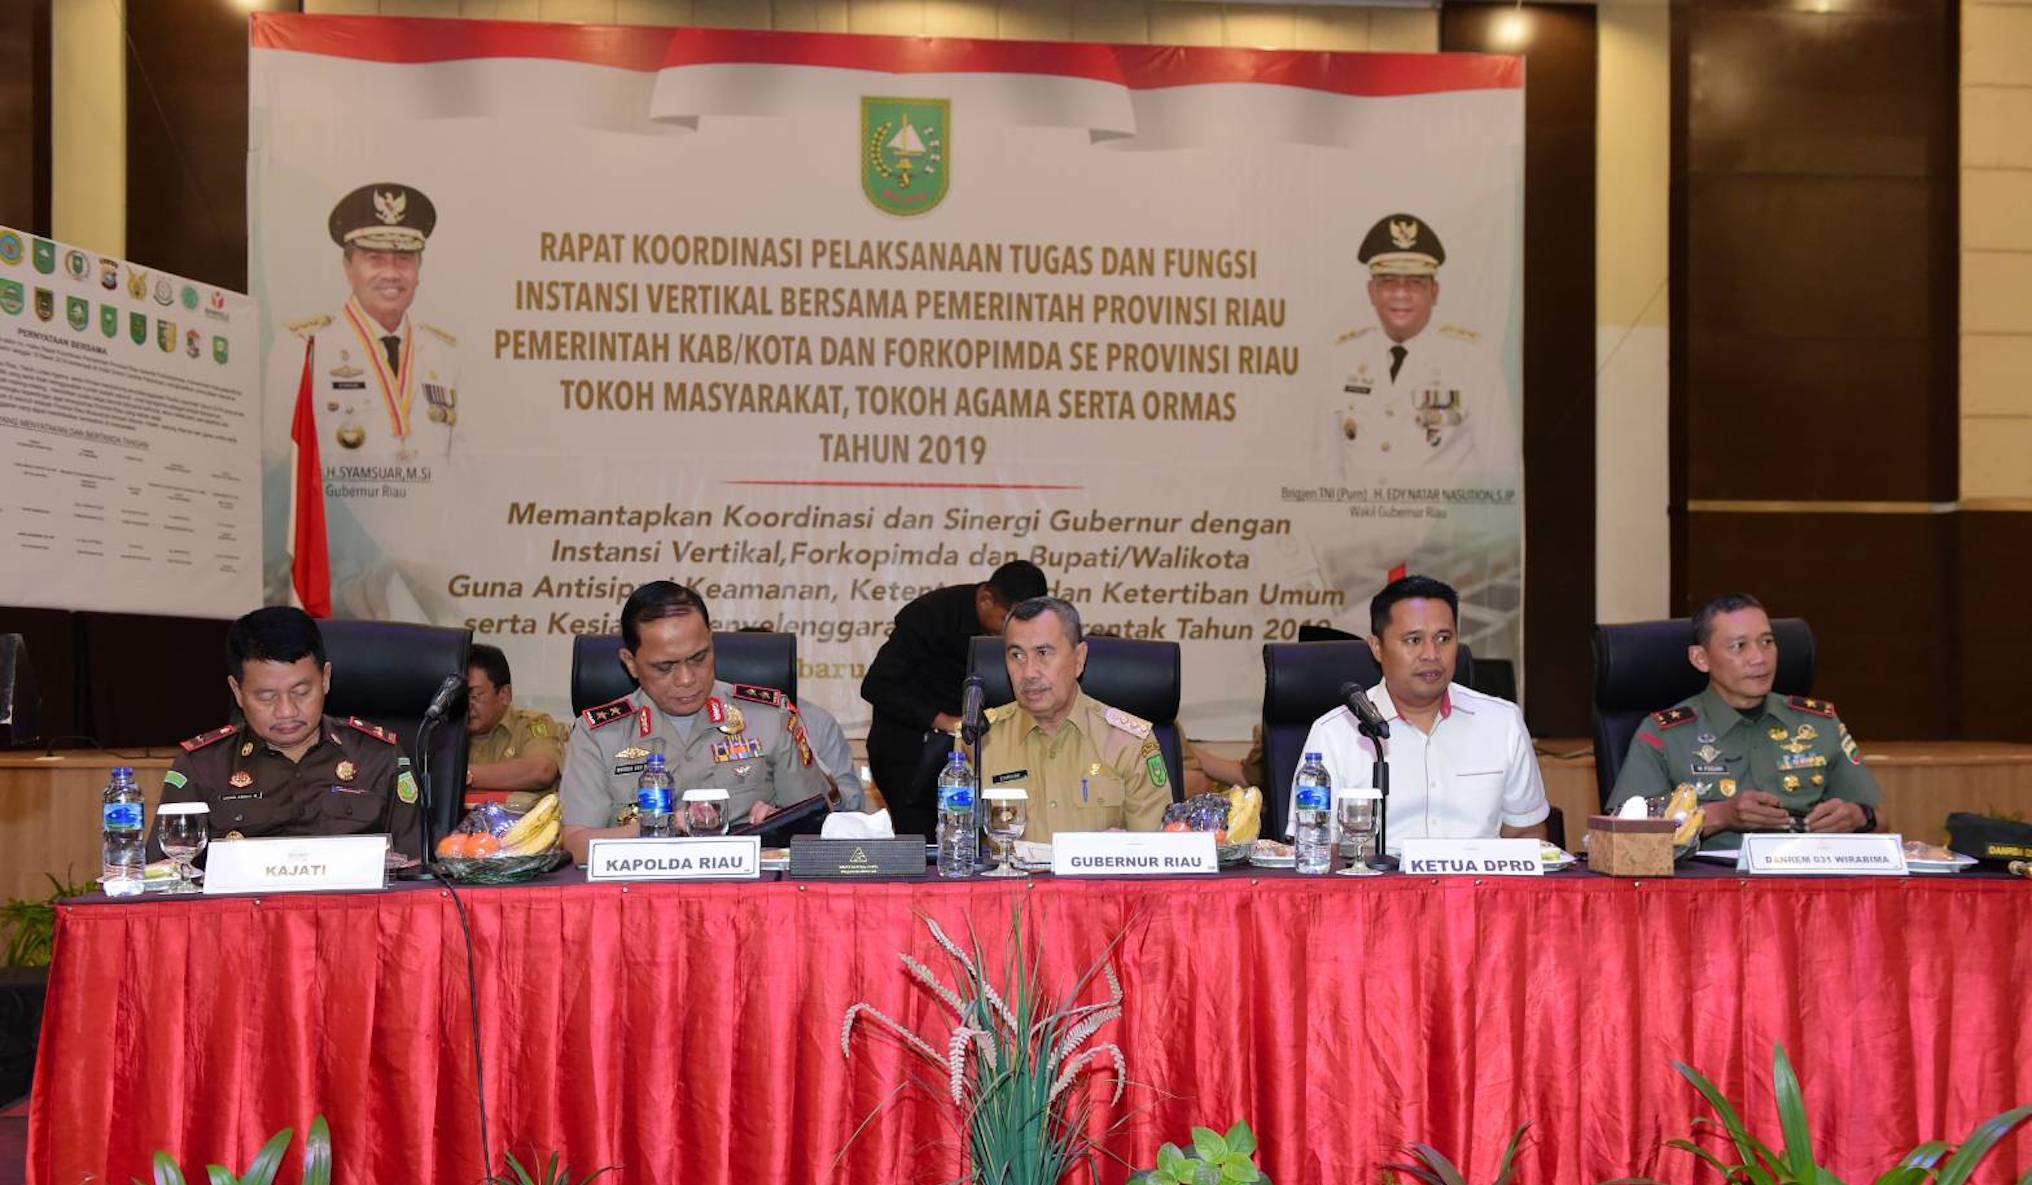 Gubernur Riau, H. Syamsuar Didampingi Forkopinda Prov. Riau Hadiri Rapat Koordinasi Pelaksanaan Tugas Dan Fungsi Instansi Vertikal Tahun 2019, Di Hotel Grand Central